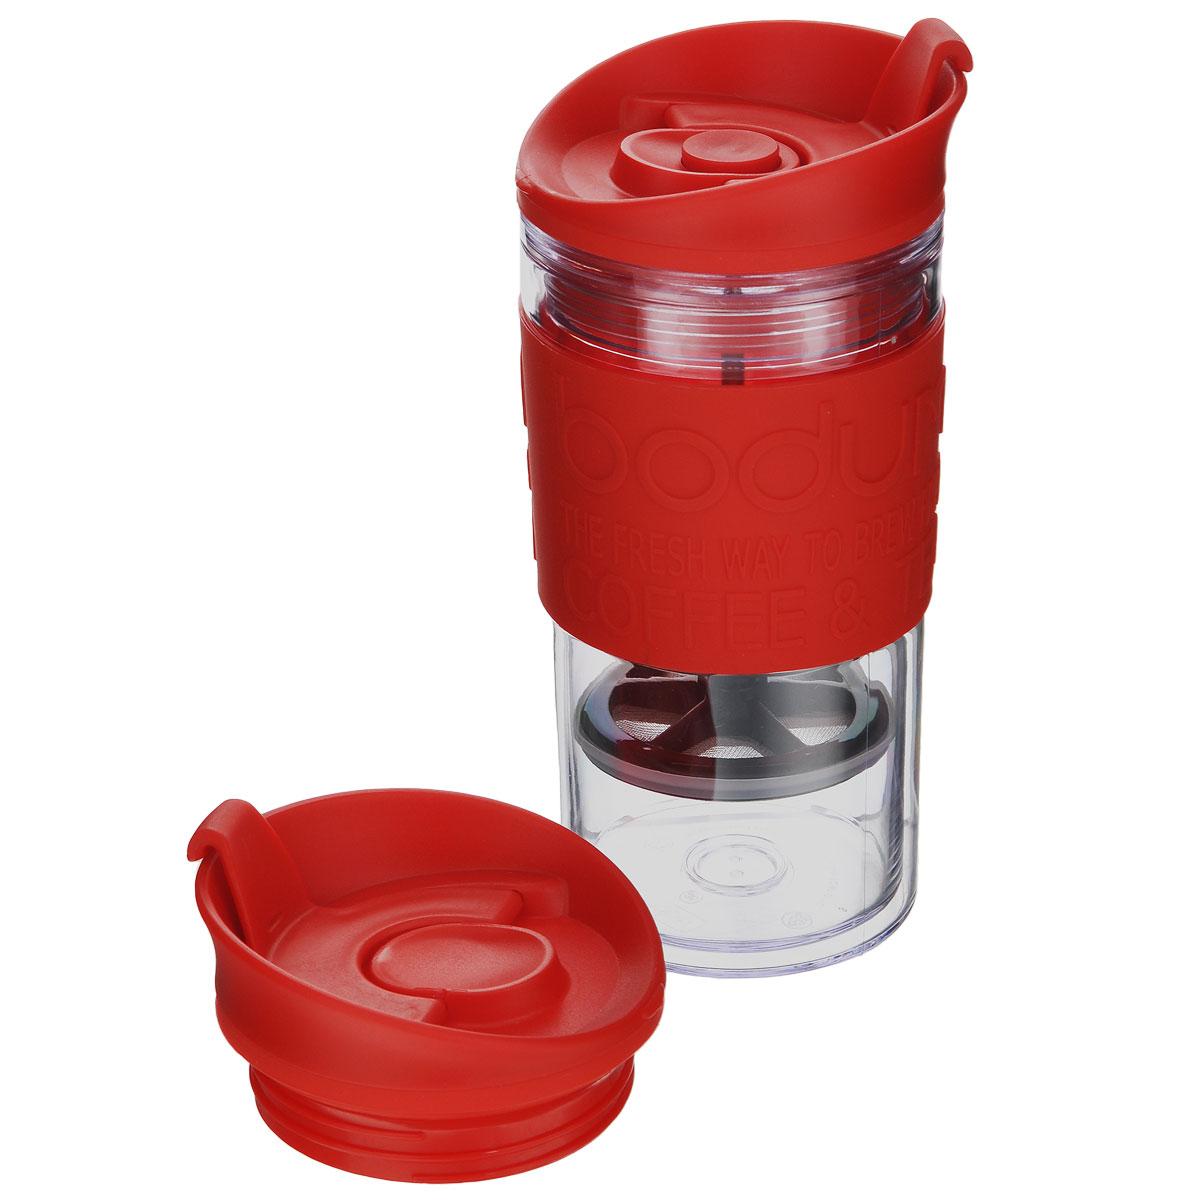 Кофейник дорожный Bodum Travel с прессом, с дополнительной крышкой, цвет: красный, 0,35 л. K11102-294K11102-294Дорожный кофейник Bodum Travel пригодится вам на пикнике, в путешествии или в офисе. Его можно использовать в качестве кружки. Кофейник выполнен из пластика и оснащен фильтром french press из нержавеющей стали, который позволяет легко и просто приготовить отличный напиток. Кофейник закрывается завинчивающейся крышкой, в которой есть небольшое отверстие для питья с клапаном. Это исключает выплескивание жидкости и позволяет использовать кофейник даже во время поездок в автомобиле. В комплект входит дополнительная крышка. На корпусе кофейника имеется приятная на ощупь силиконовая вставка, которая защитит ваши руки от чрезмерно высокой температуры напитка и не позволит кофейнику выскользнуть из ваших рук. Благодаря такому кофейнику приготовление вкуснейшего ароматного и крепкого кофе займет всего пару минут. Кофейник будет незаменим на пикнике, в офисе, в автомобильной поездке, а также послужит практичным подарком для ваших друзей и близких.